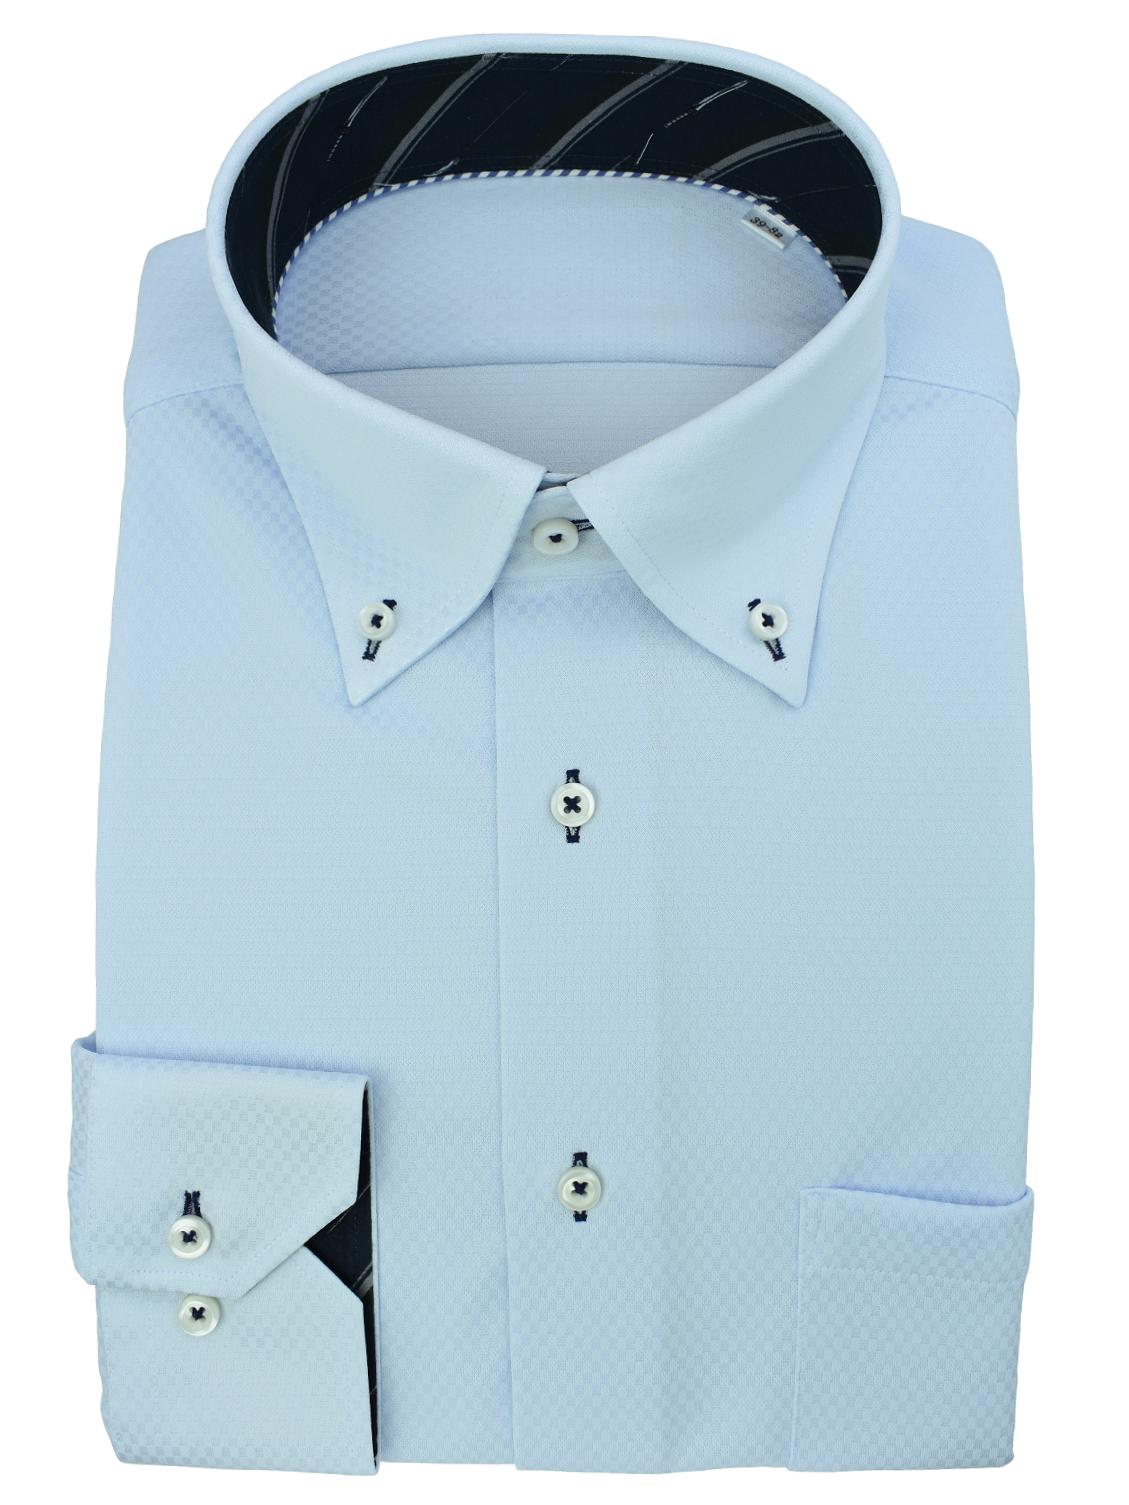 【日本製】伸び~るストレッチシャツ100%ノーアイロン(ライトブルー)